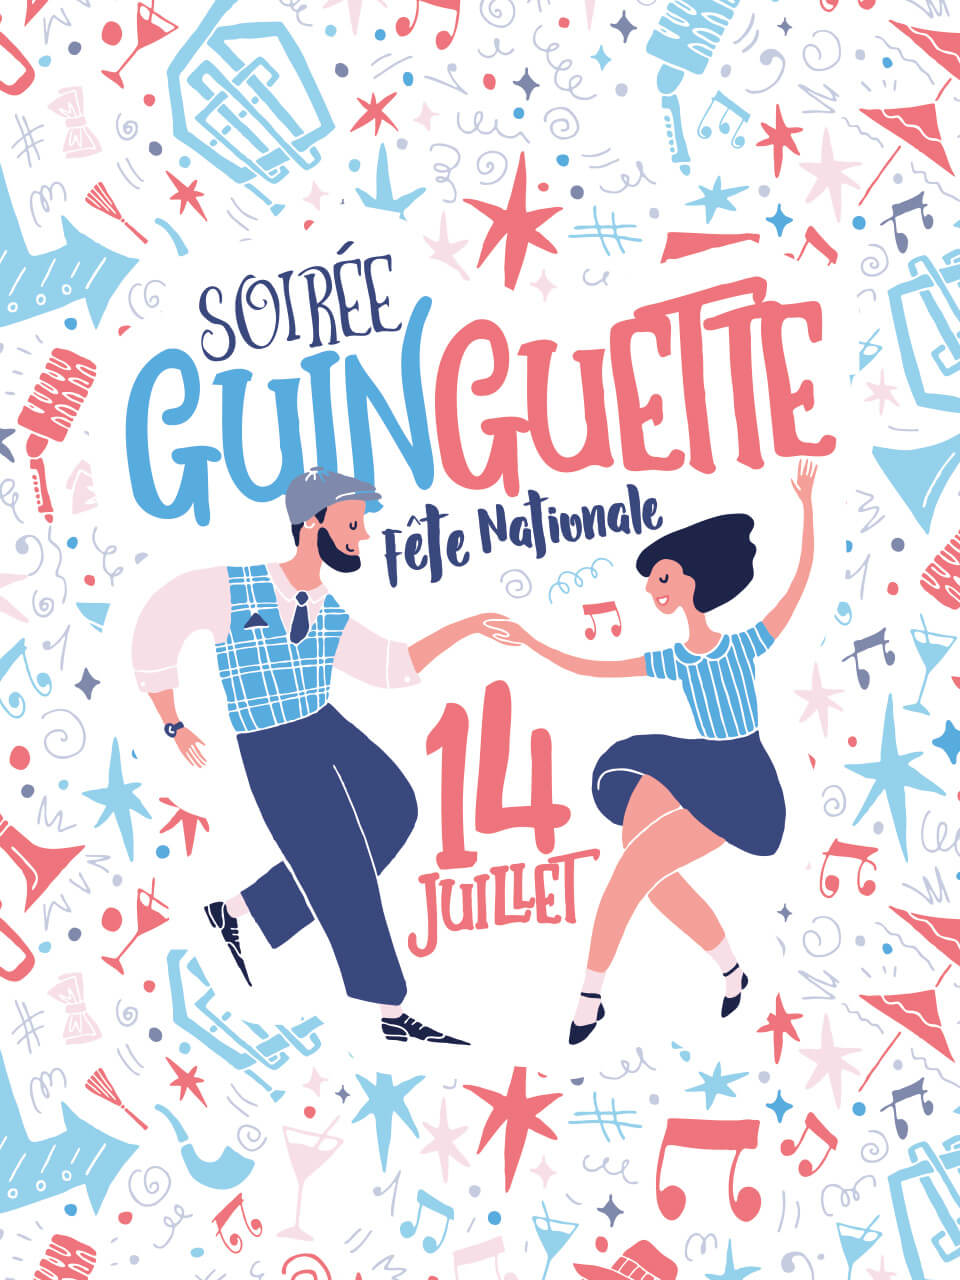 Affiche 2020 soirée guinguette 14 juillet